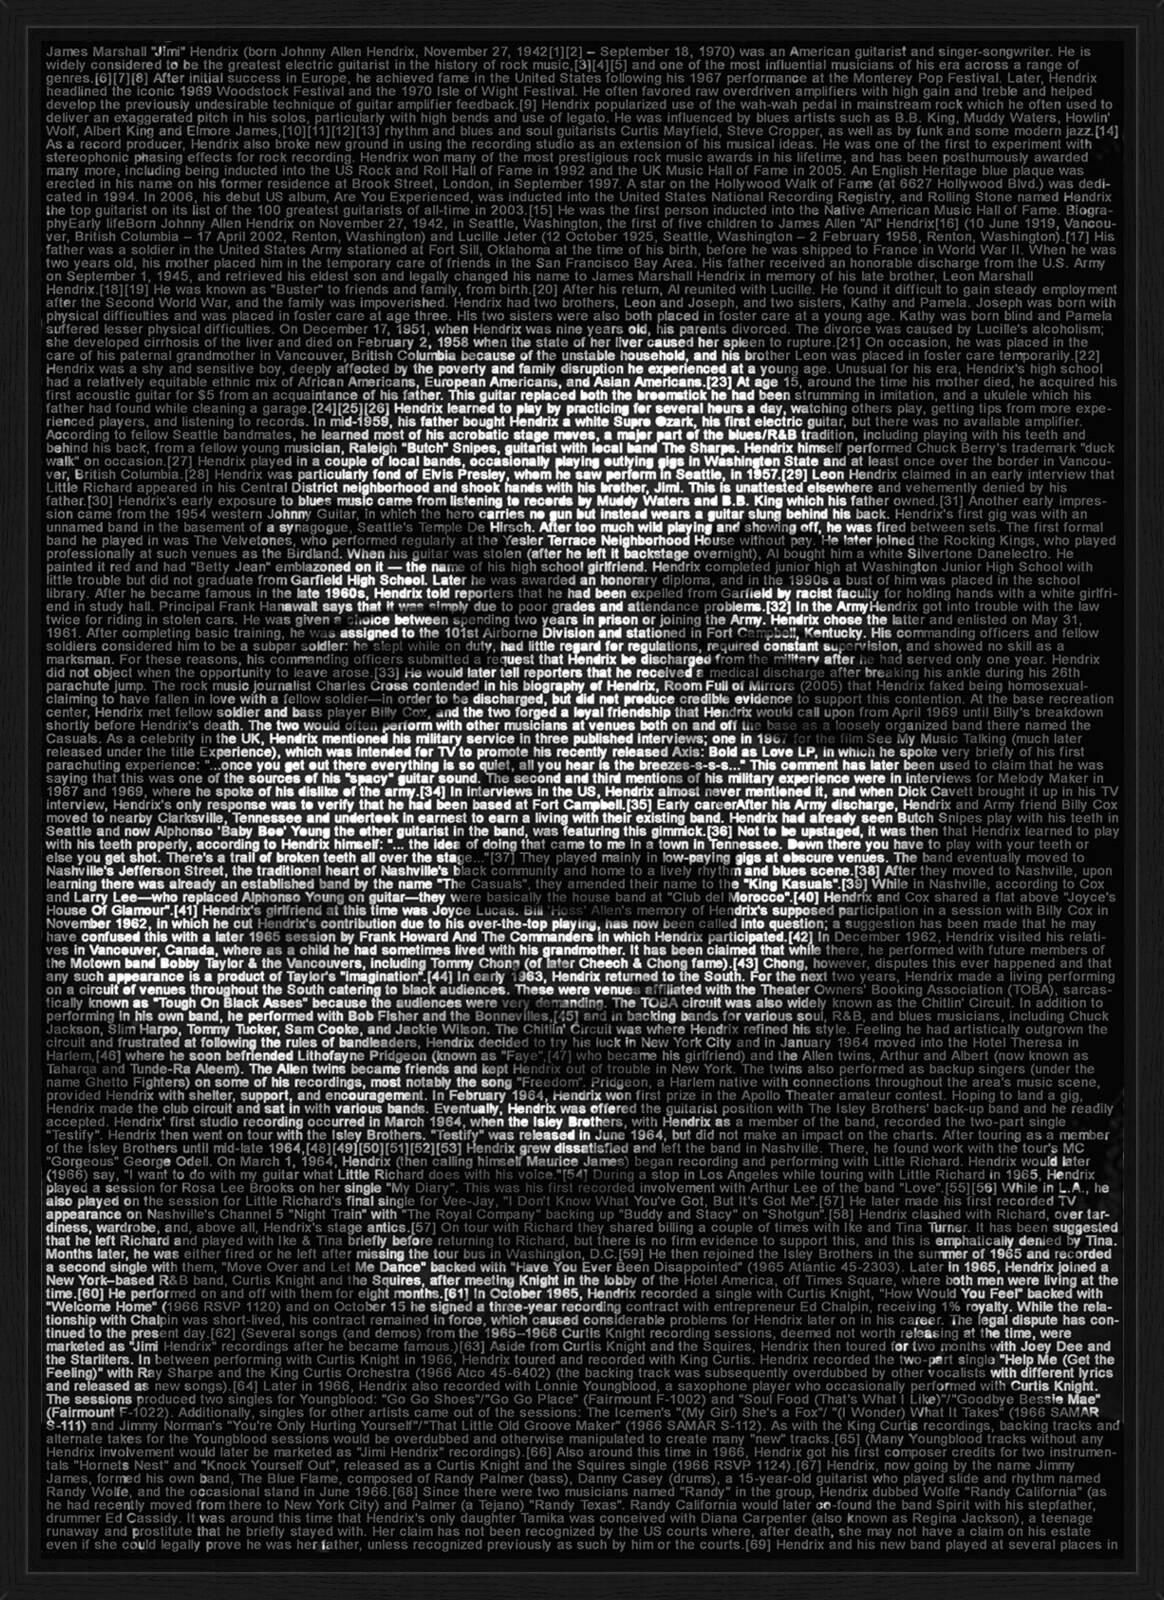 Jimi Hendrix By Ralph Ueltzhoeffer